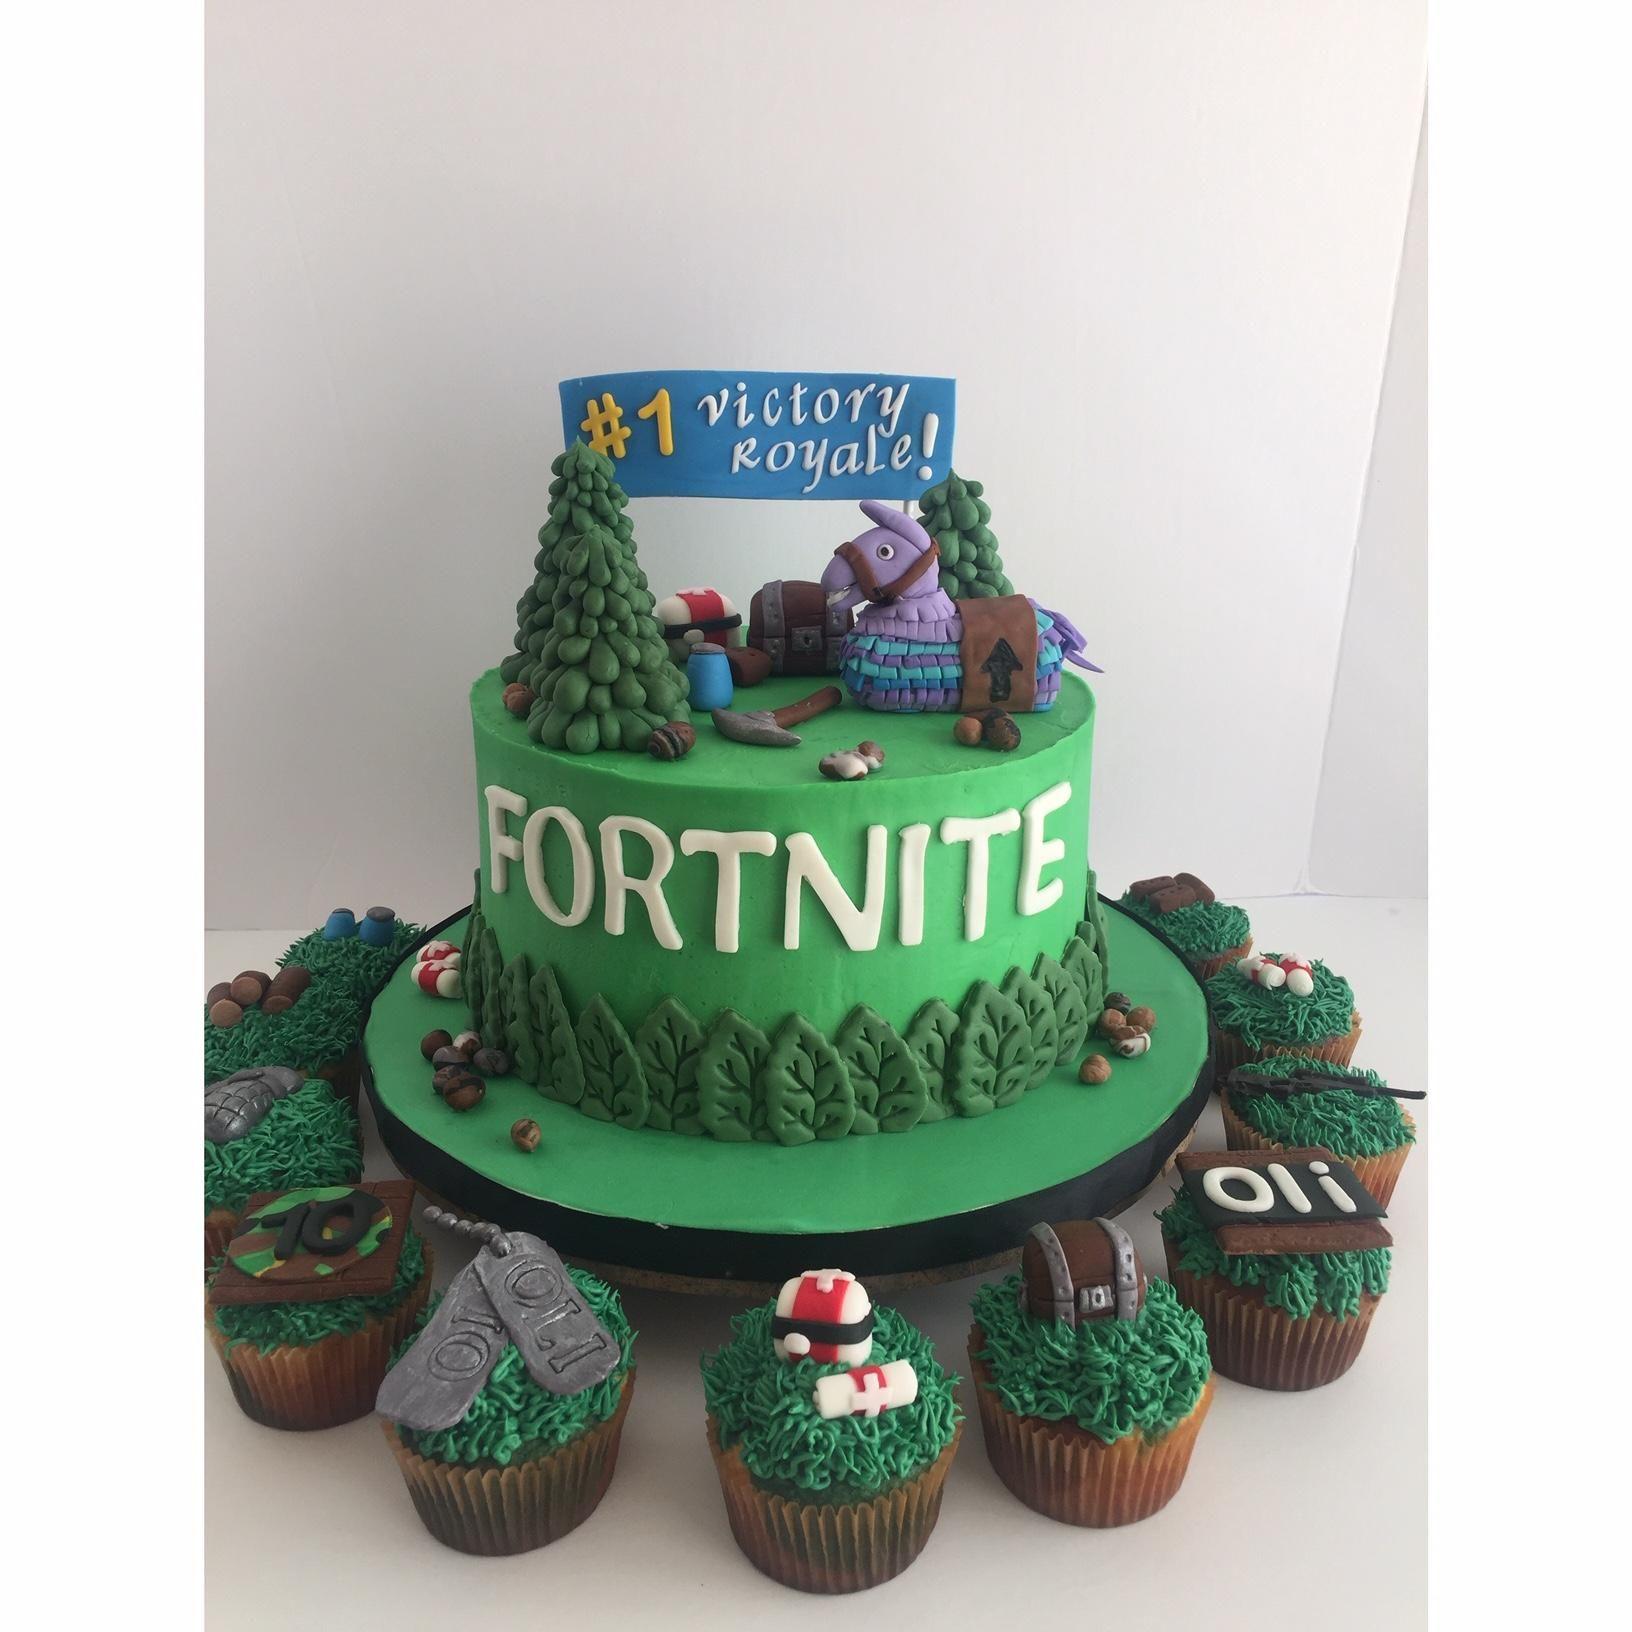 [Homemade] Fortnite Birthday Cake